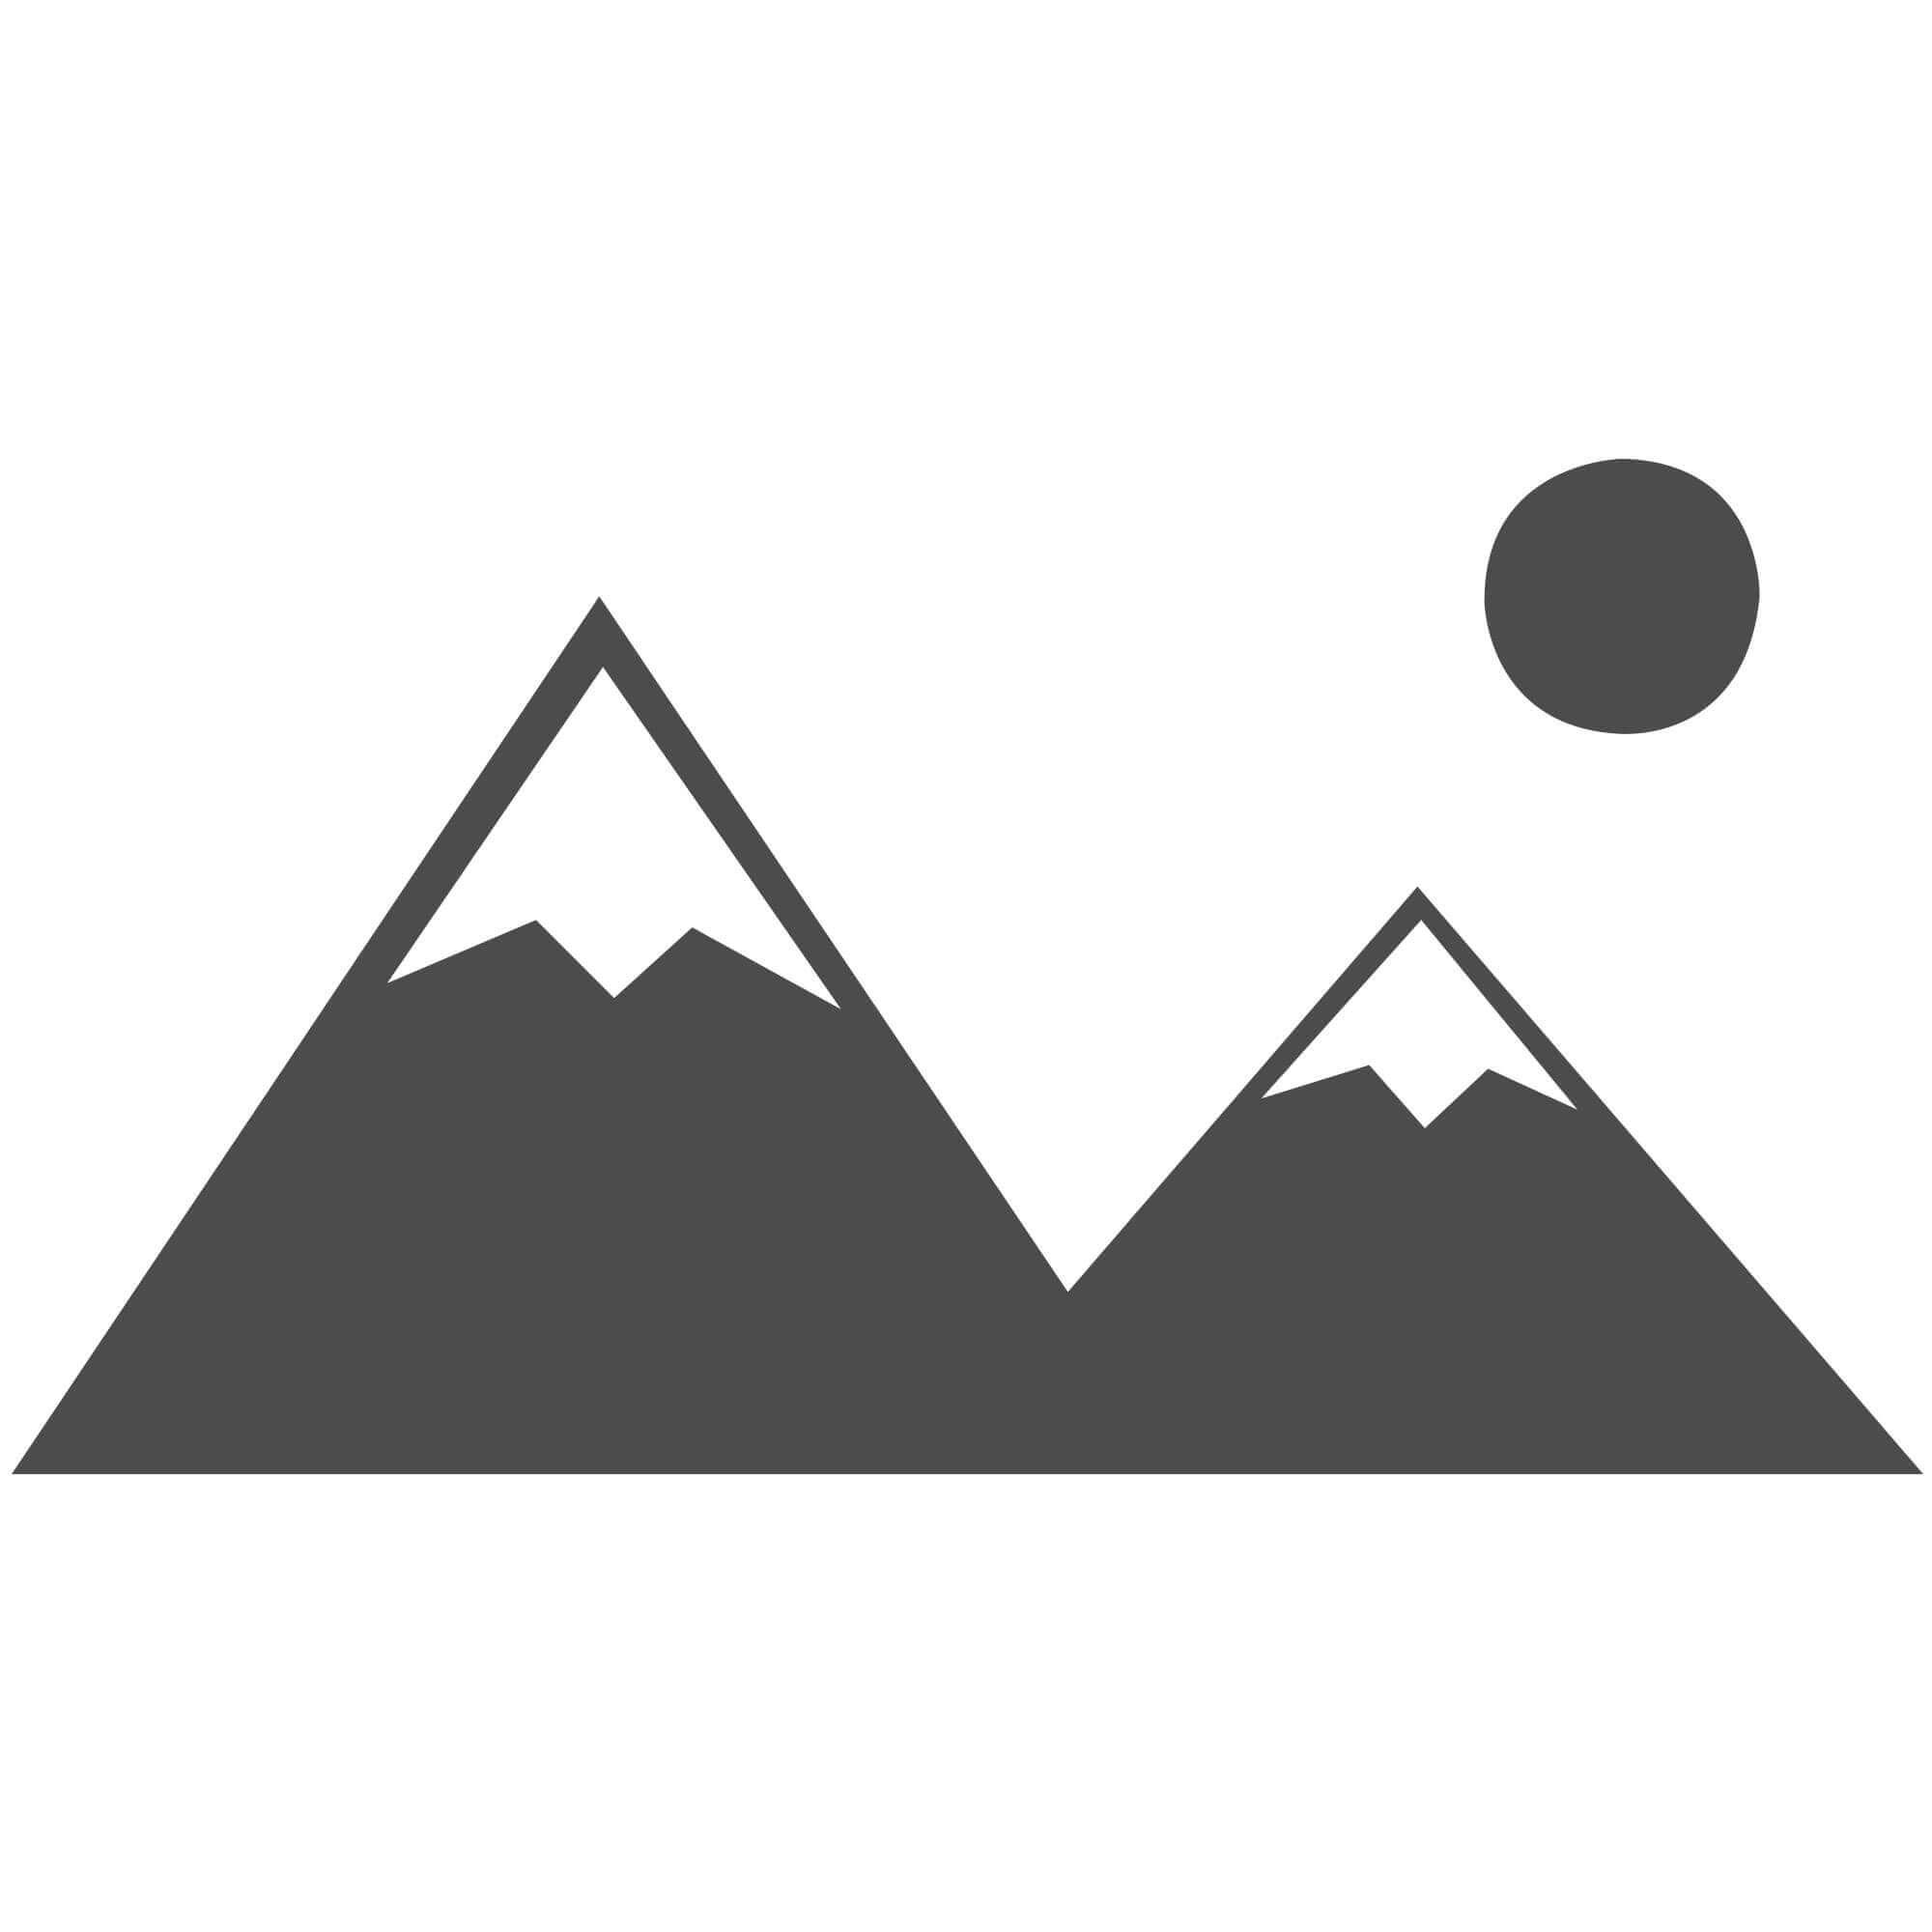 Vision Trimline TL46 Trimless #FPW